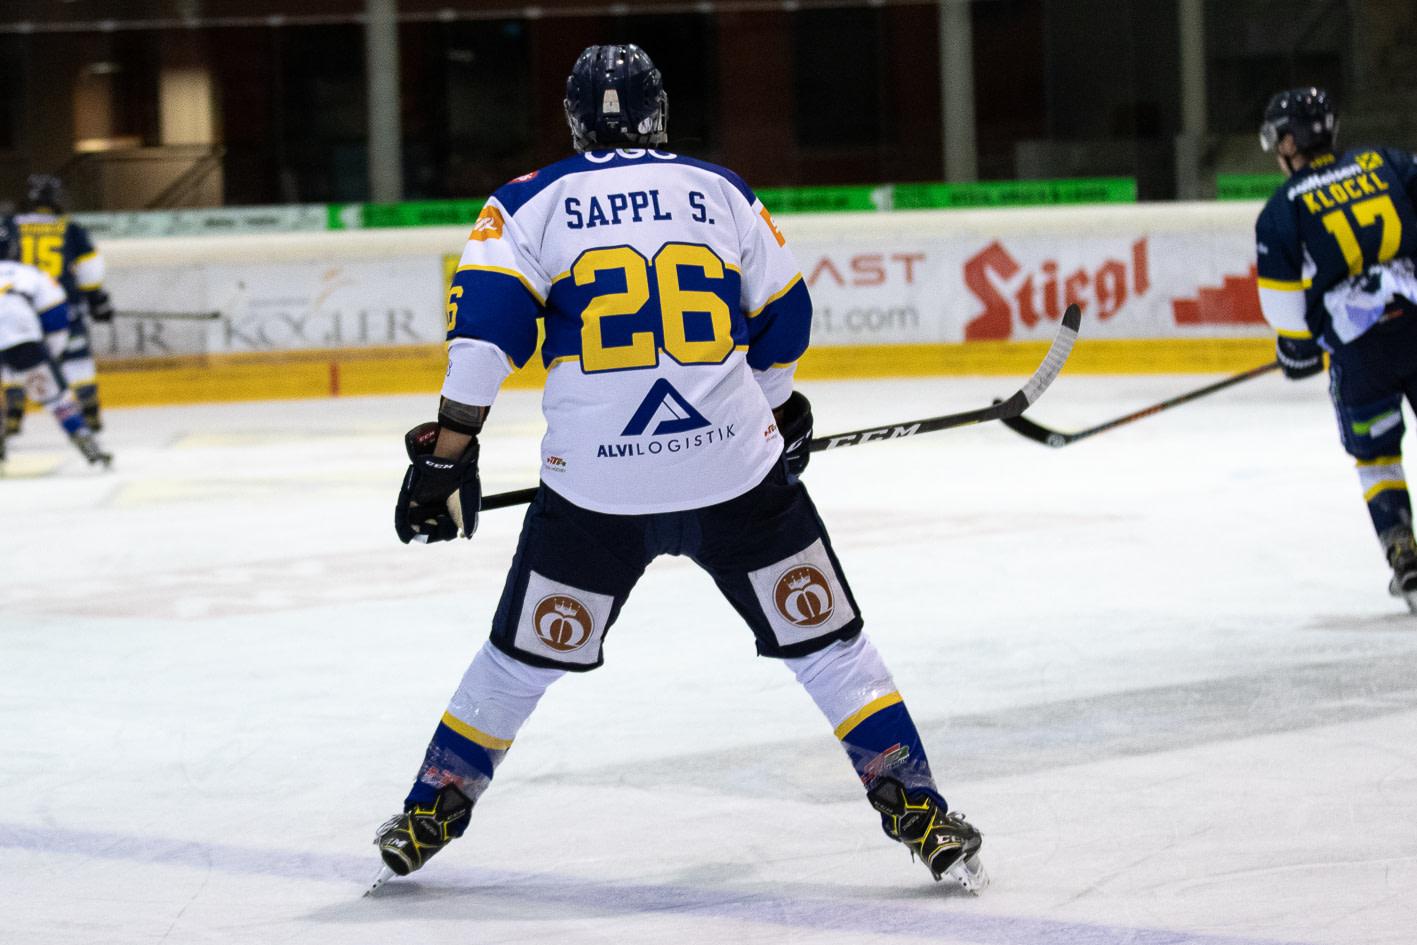 HC Kufstein Samuel Sappl